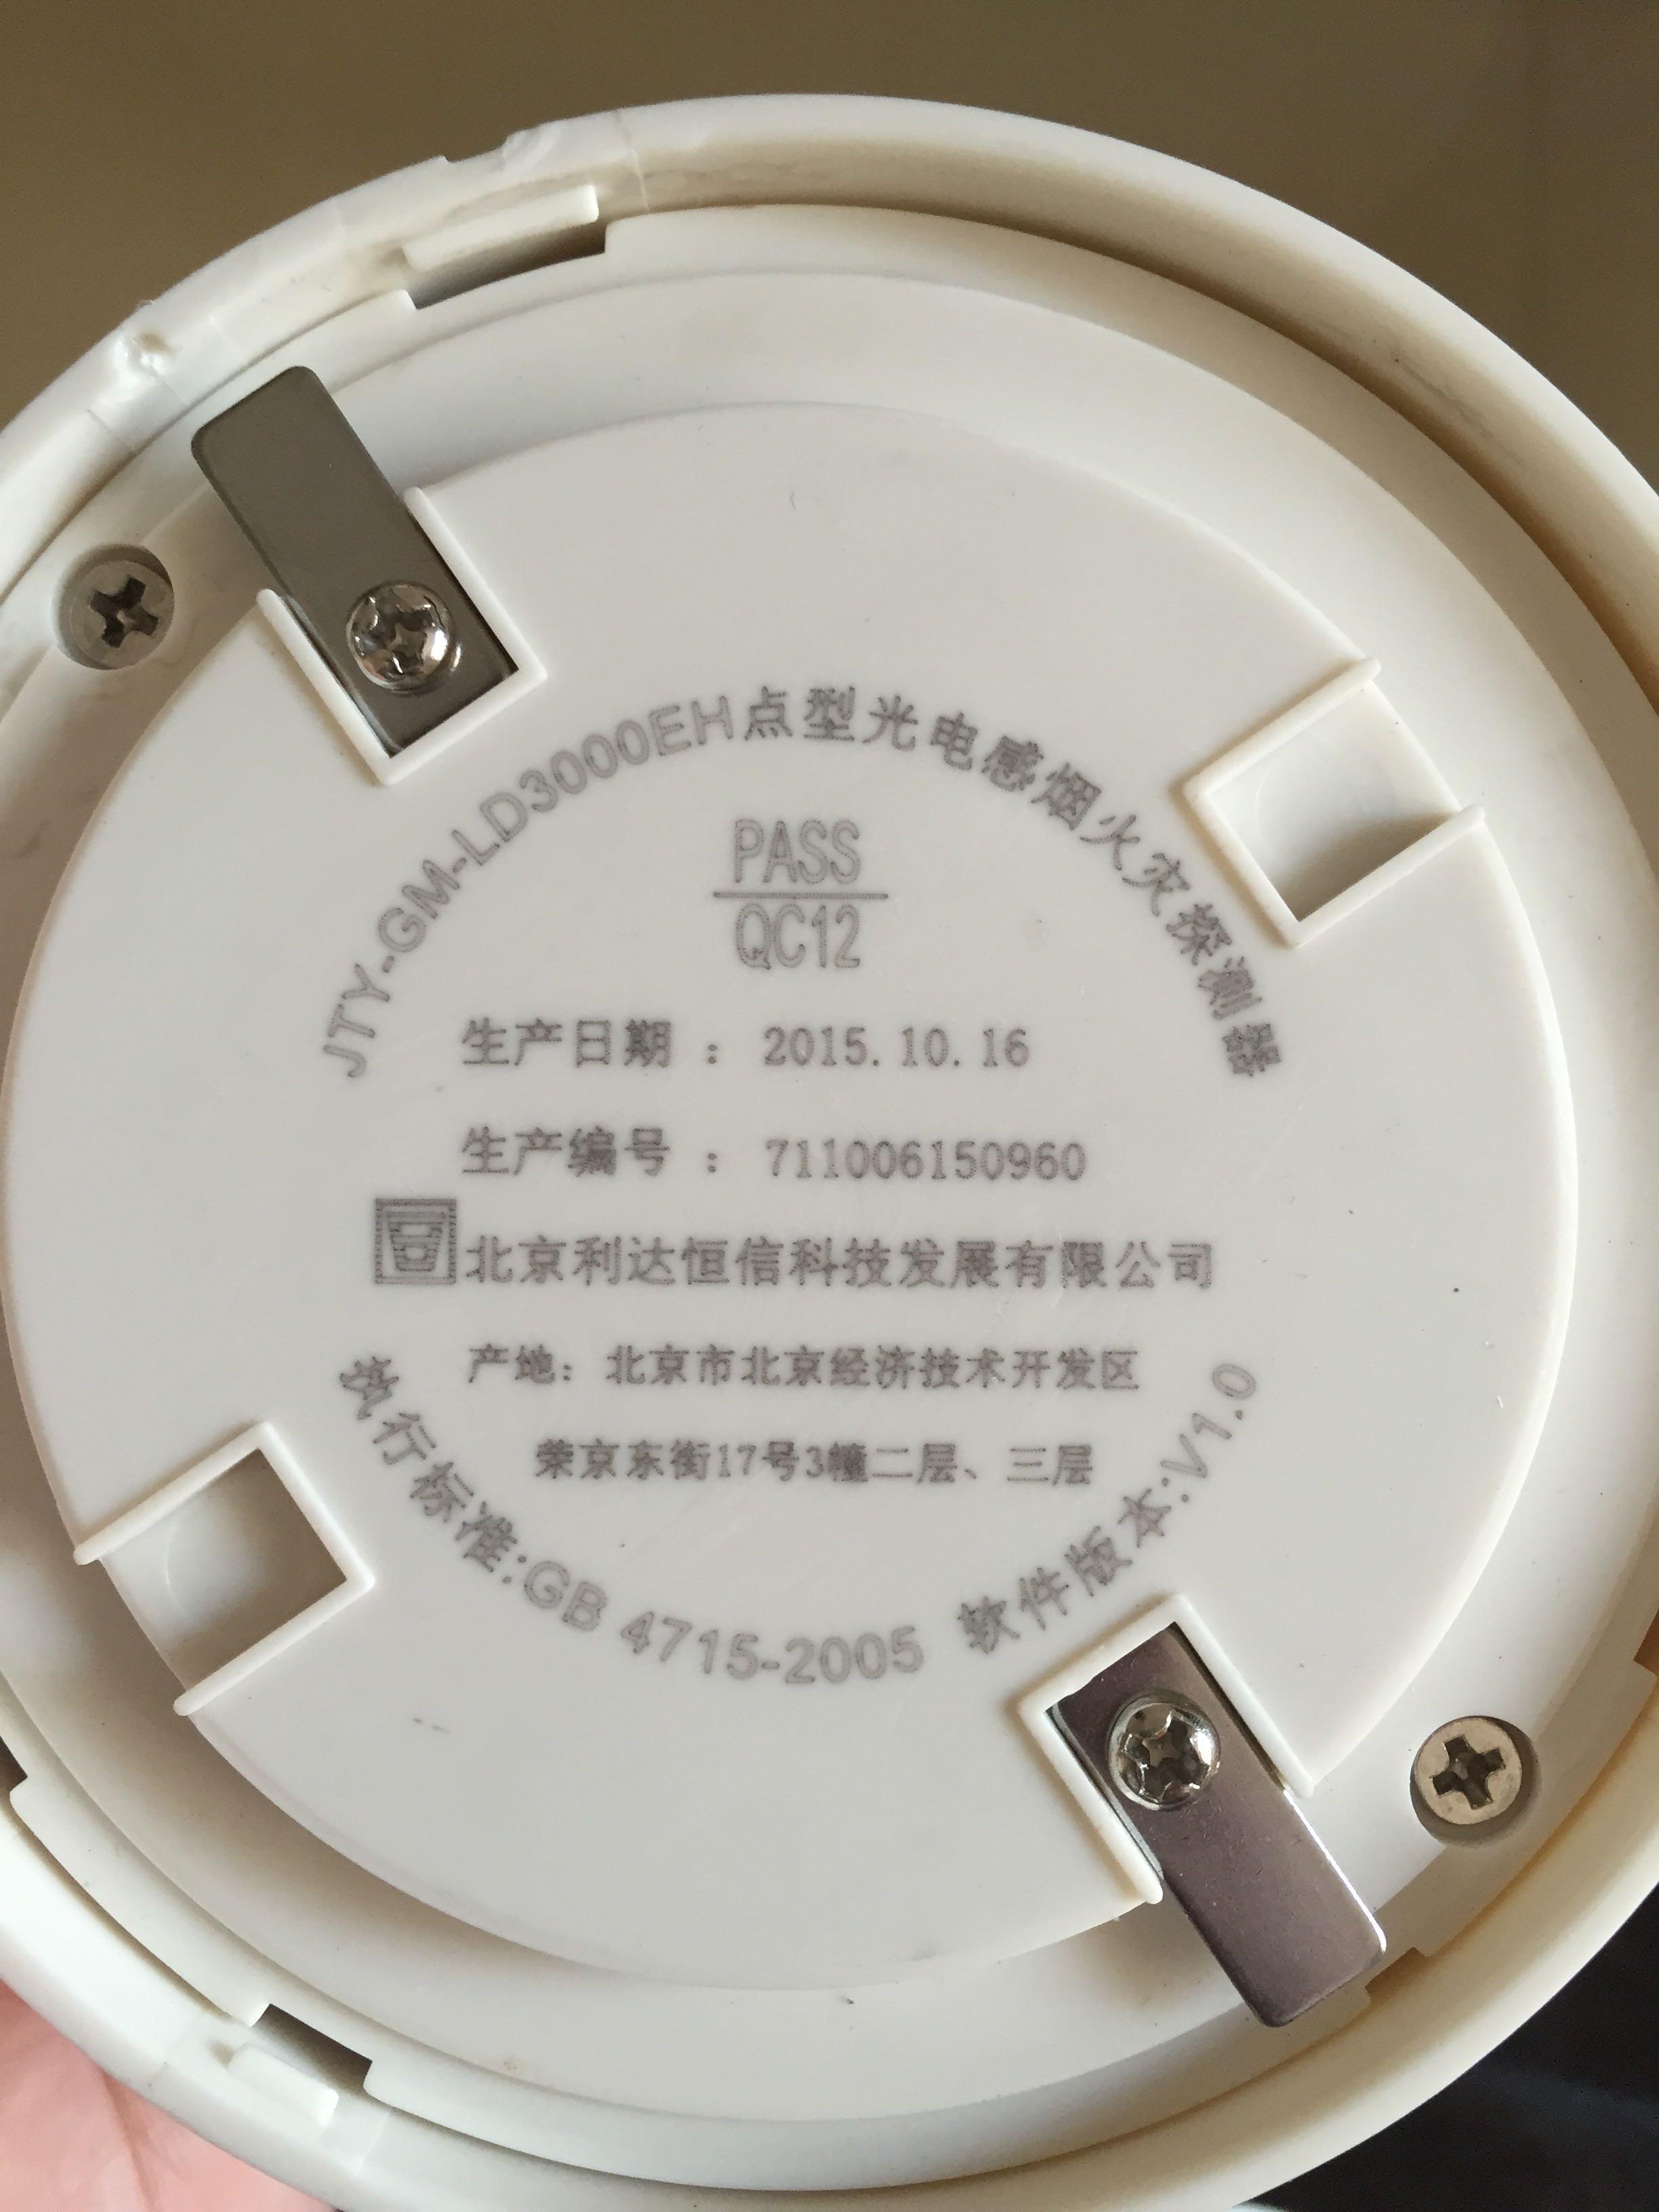 Лидер JTY-GM-LD3000EH точка тип фотоэлектрический смысл дым пожар бедствие зонд устройство дым смысл спотовые поставки в